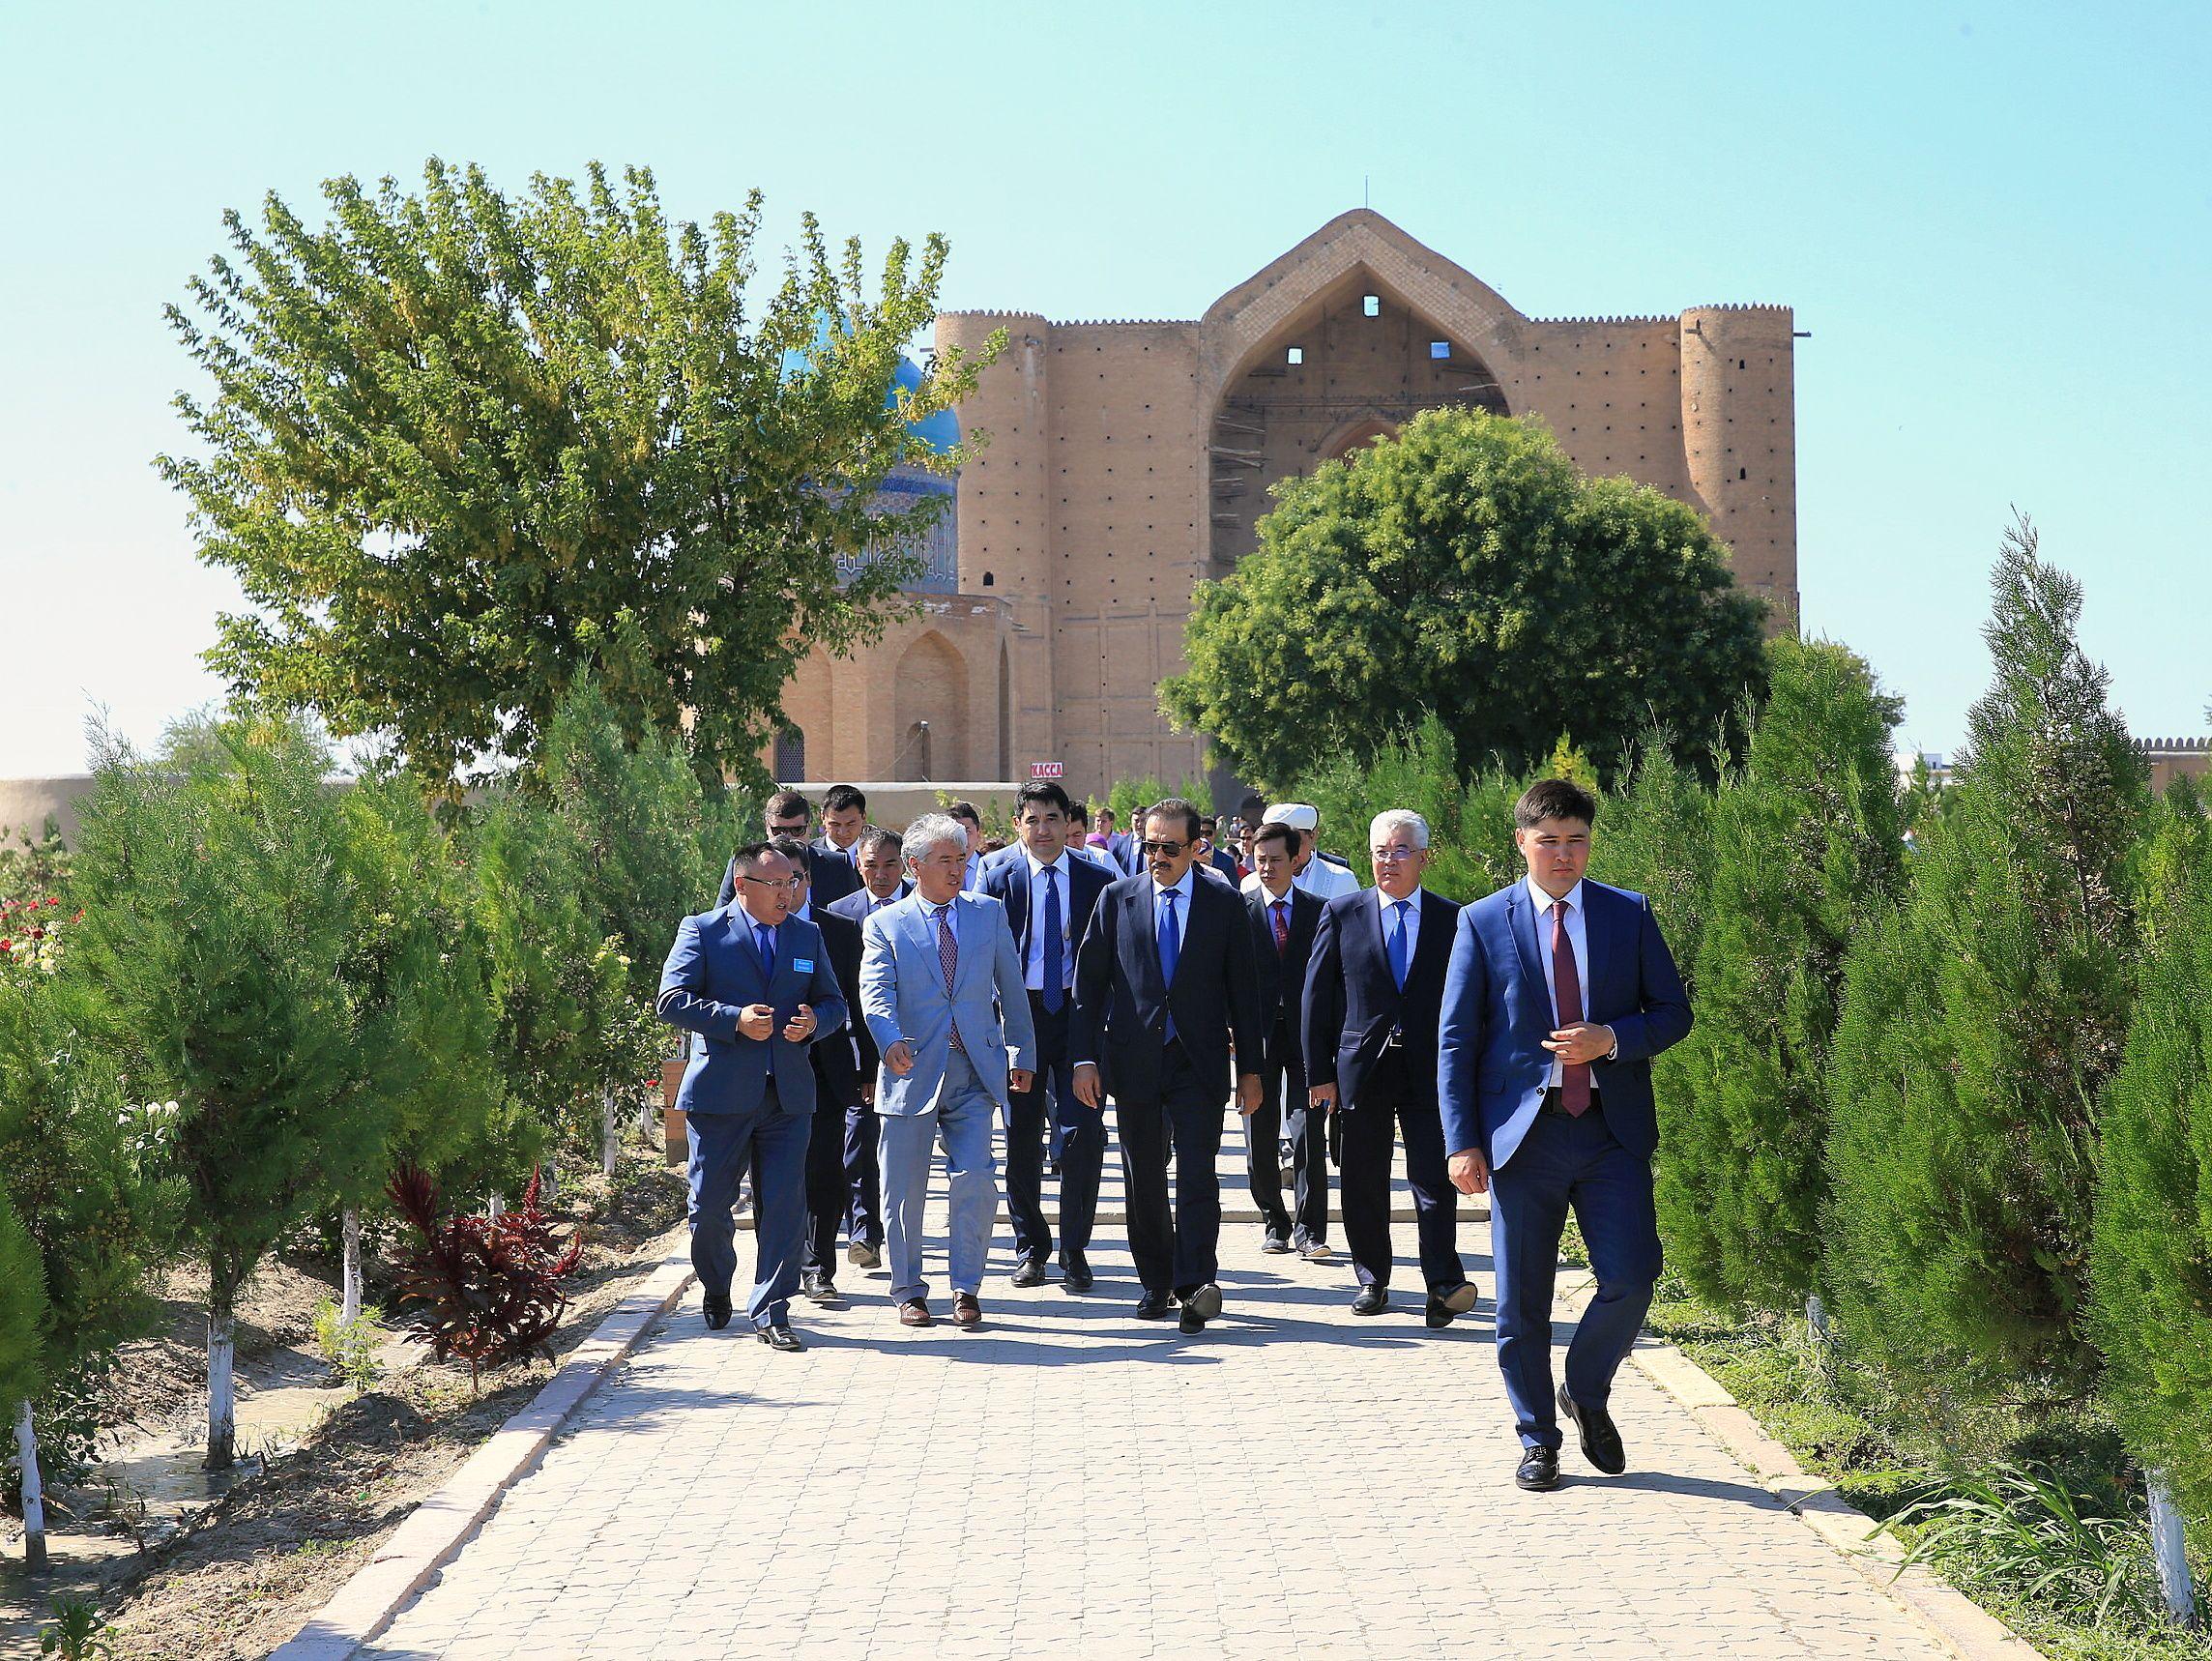 Карим Масимов оценил потенциал туристической отрасли Туркестана. Сейчас в ЮКО активно реализуют новый проект по развитию туризма с центром в Туркестане. Премьер-министр РК ознакомился с состоянием историко-культурных достопримечательностей. Туркестан считается культурной столицей Казахстана – в прошлом году регион посетили более миллиона туристов.